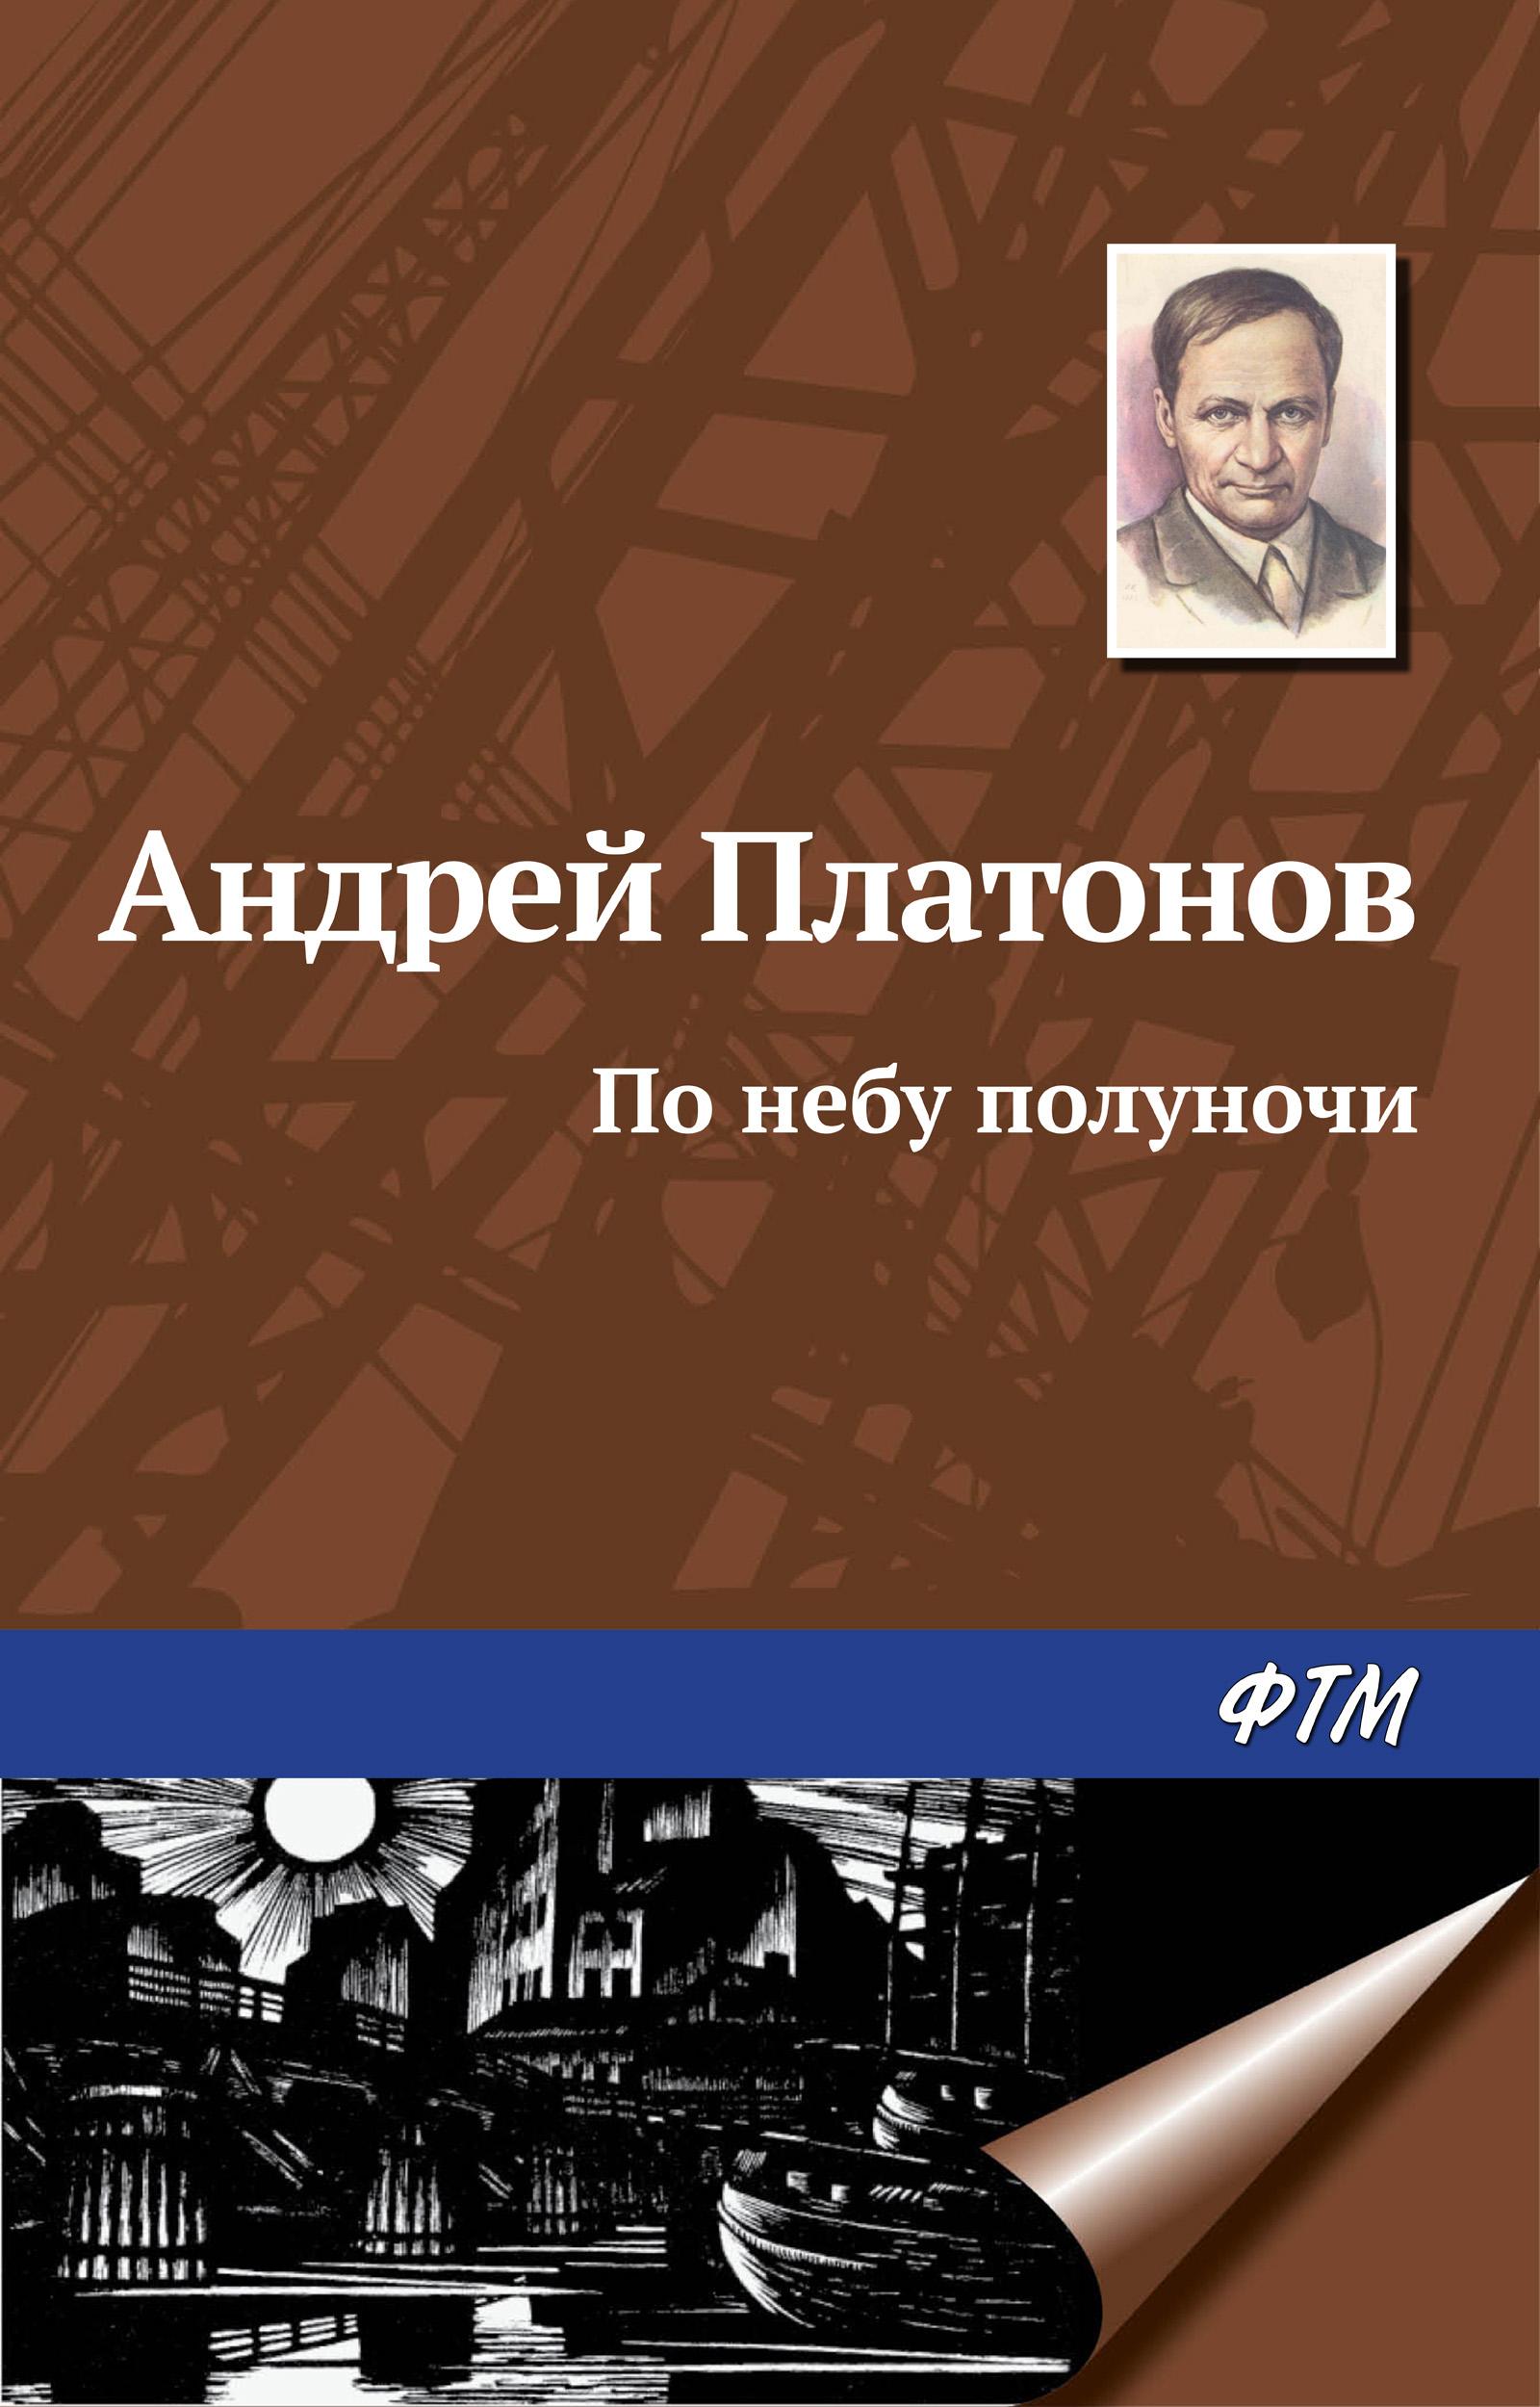 Андрей Платонов По небу полуночи платонов а линейные силы советского флота isbn 9785990916357